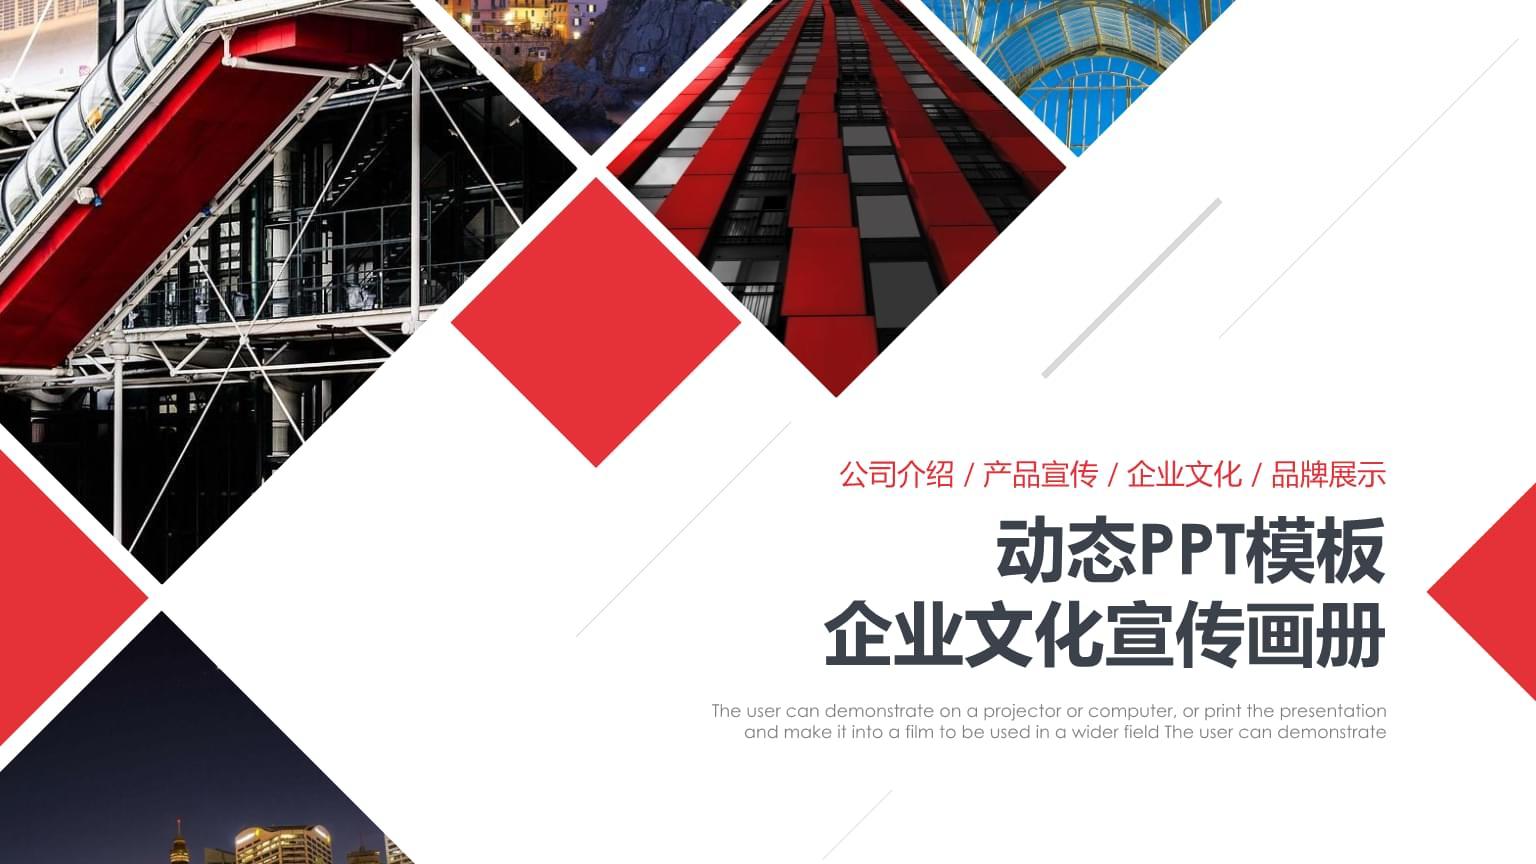 公司画册图片展示企业文化宣传PPT.pptx